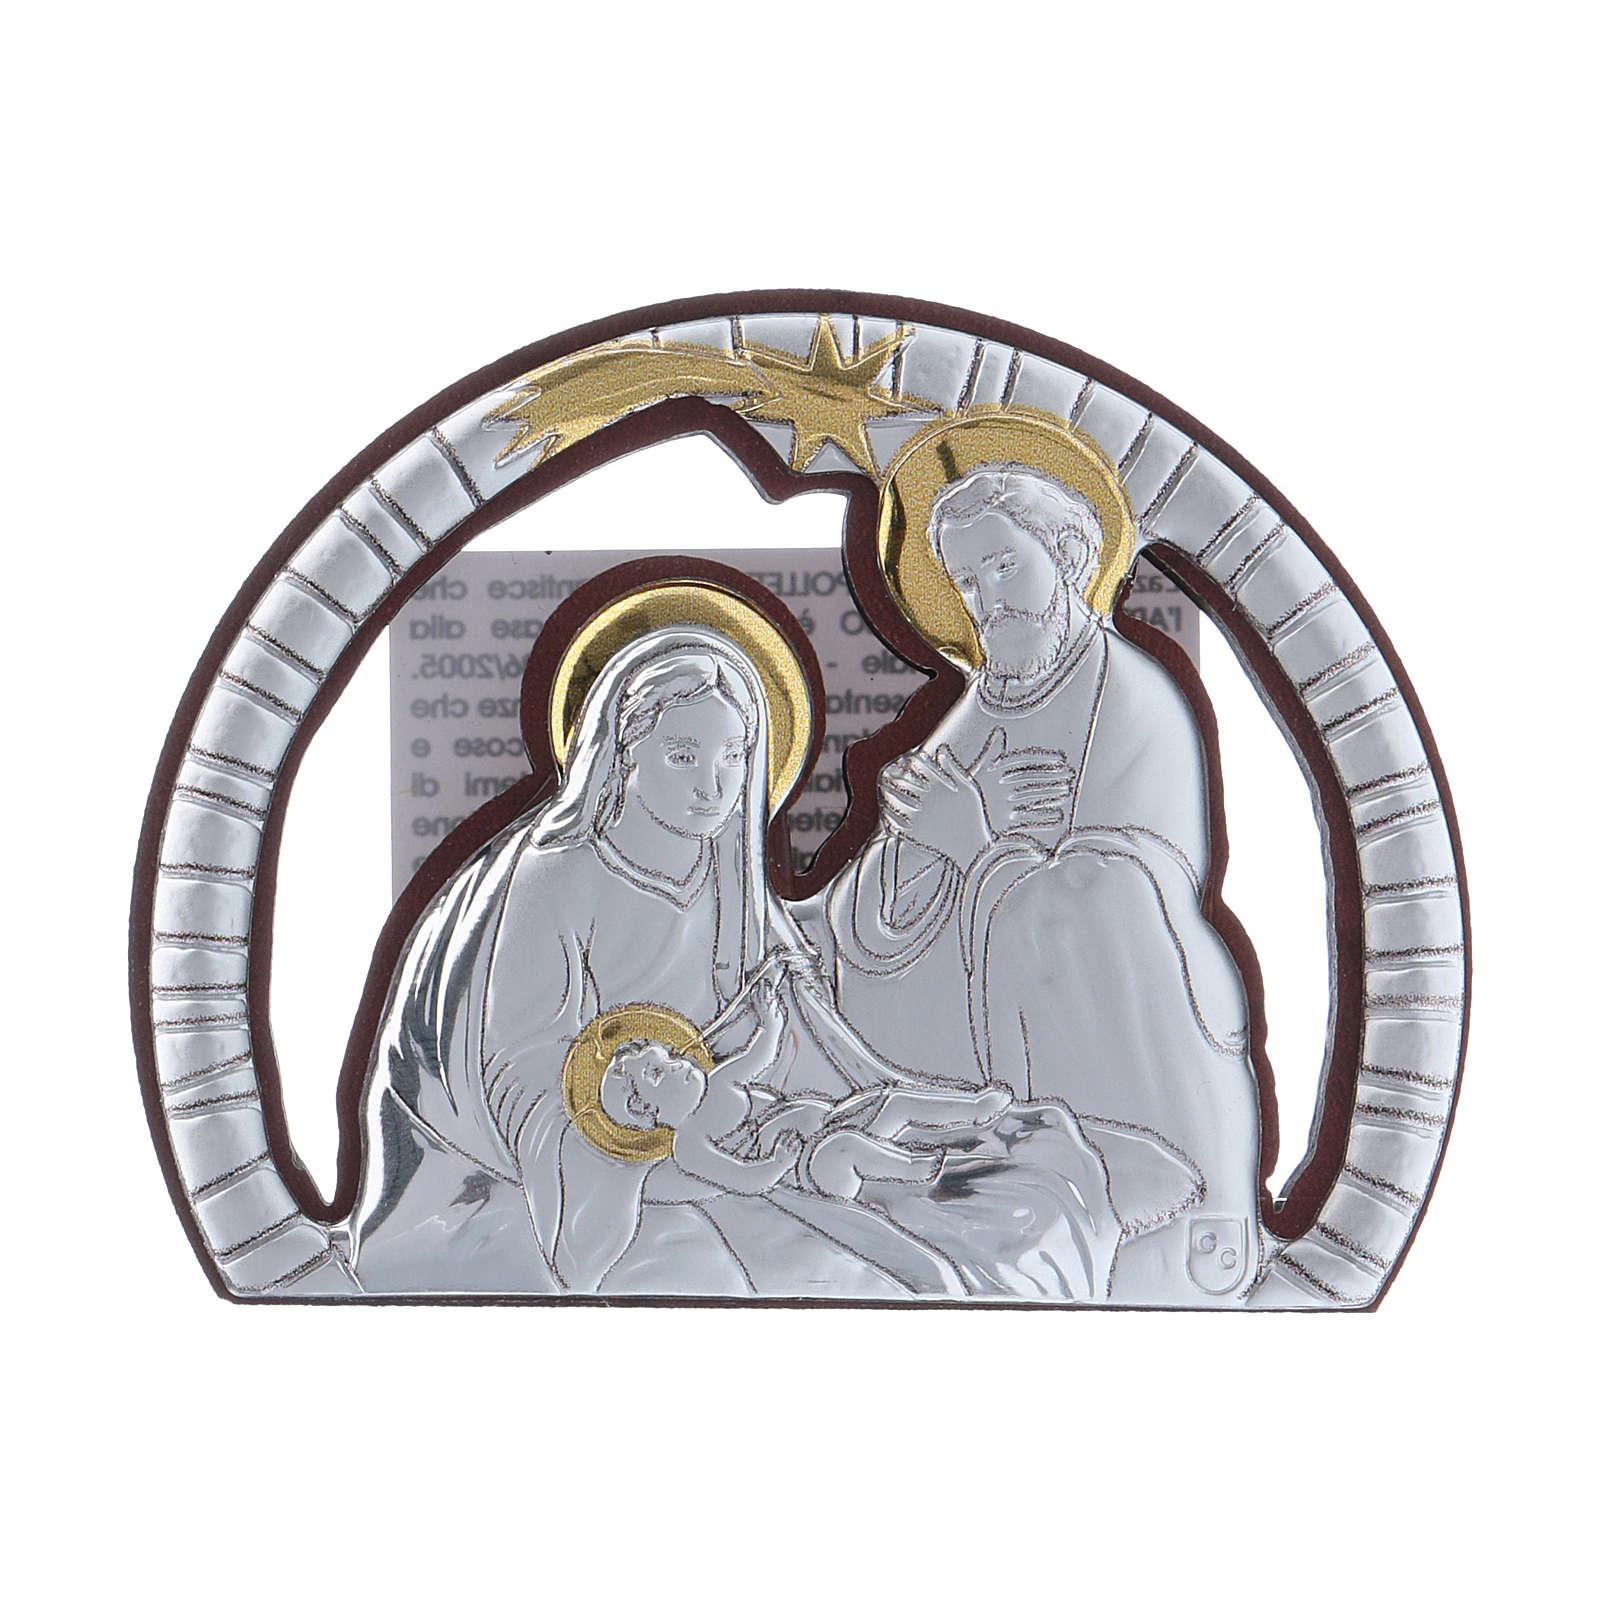 Quadro Sacra Famiglia in alluminio con retro in legno 4,8X6,4 cm 4